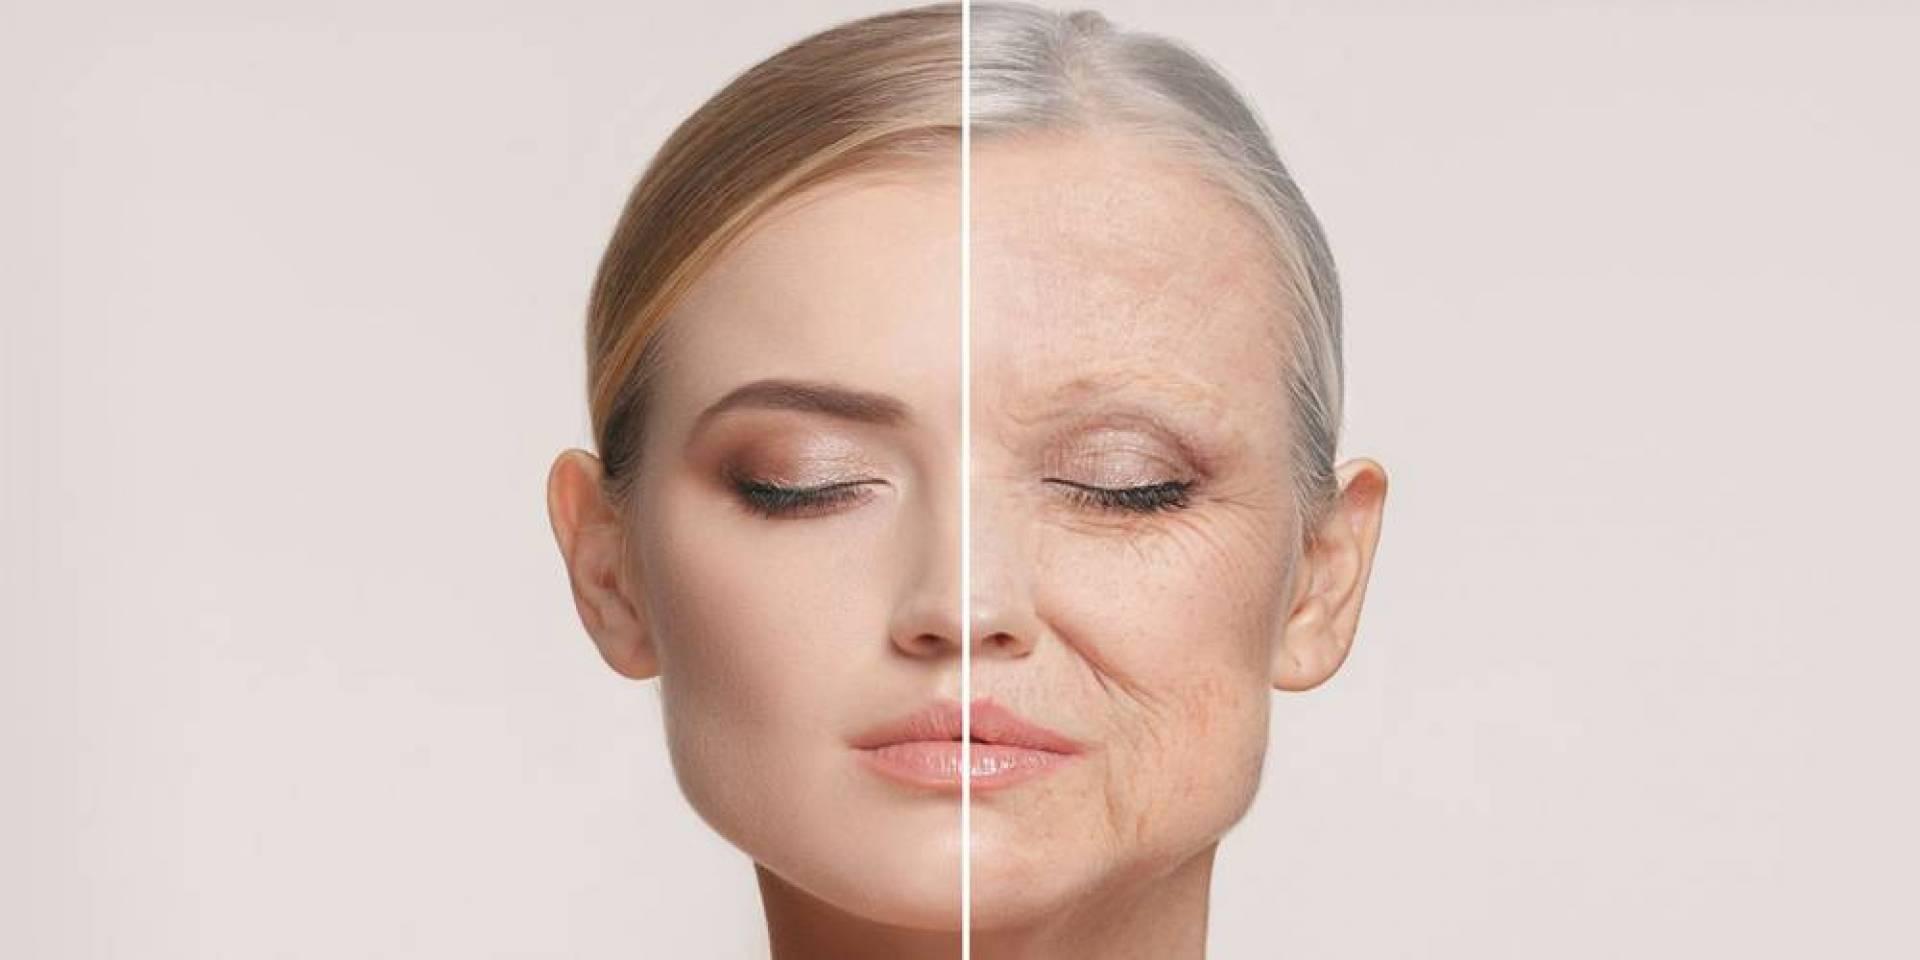 لماذا يتجعد الوجه عندما نتقدم في العمر؟